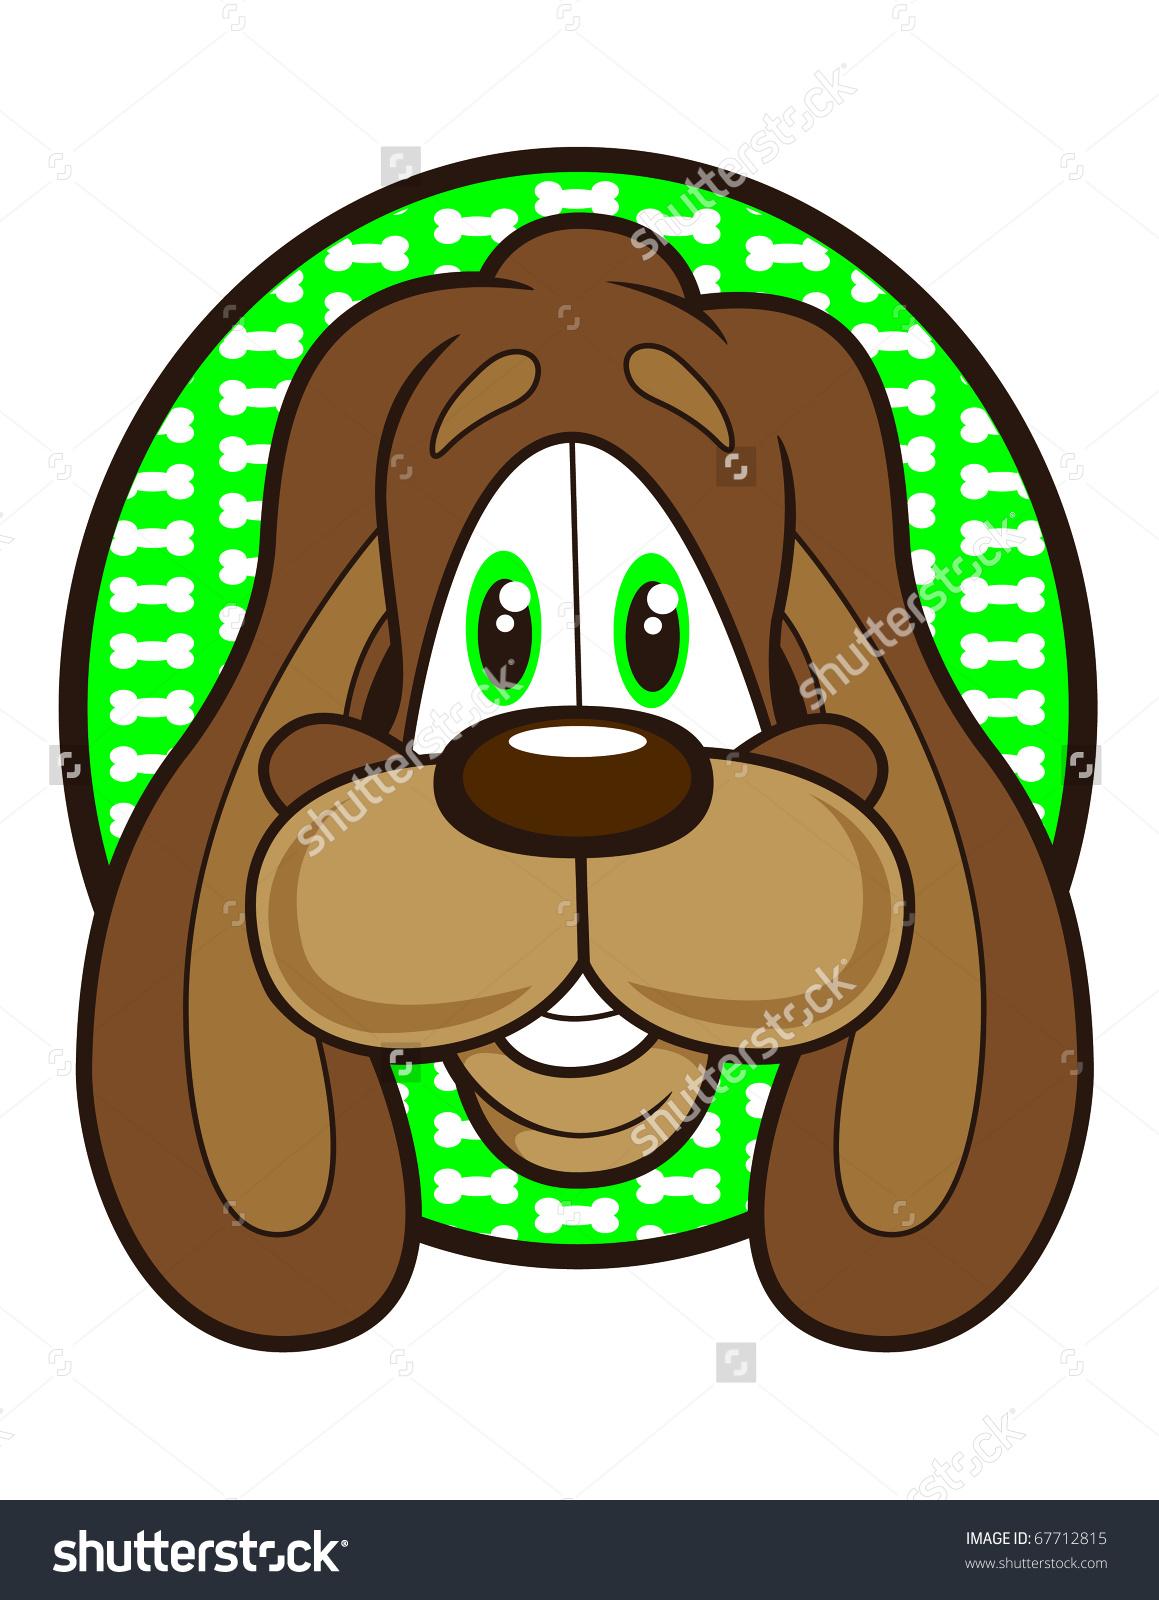 Adorable Cartoon Puppy Dog Long Floppy Stock Vector 67712815.